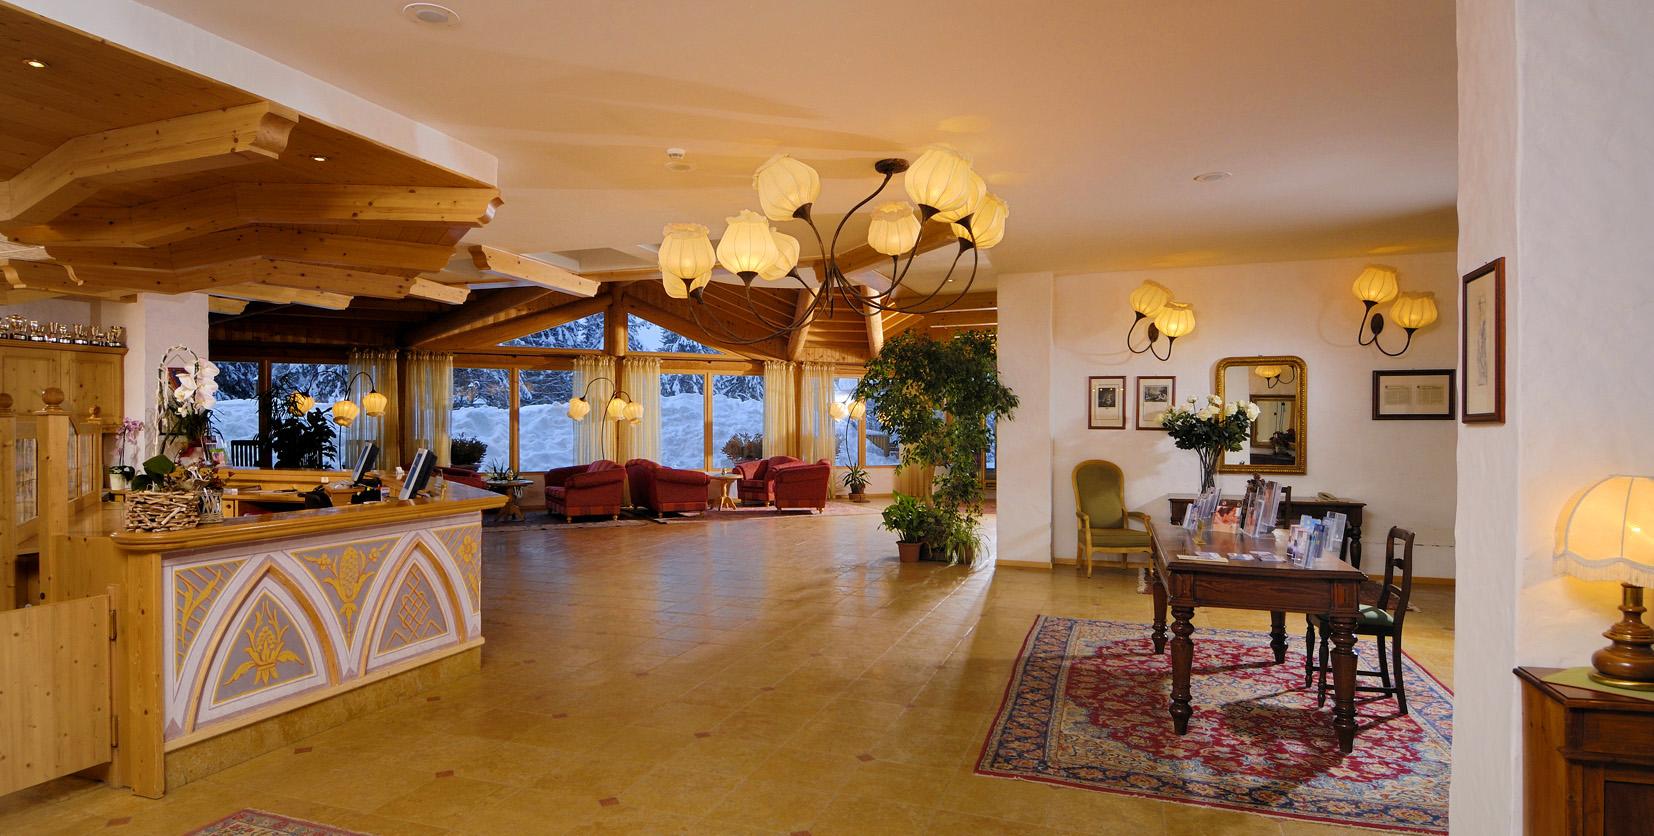 Hotel Carlo Magno Madonna Di Campiglio Recensioni